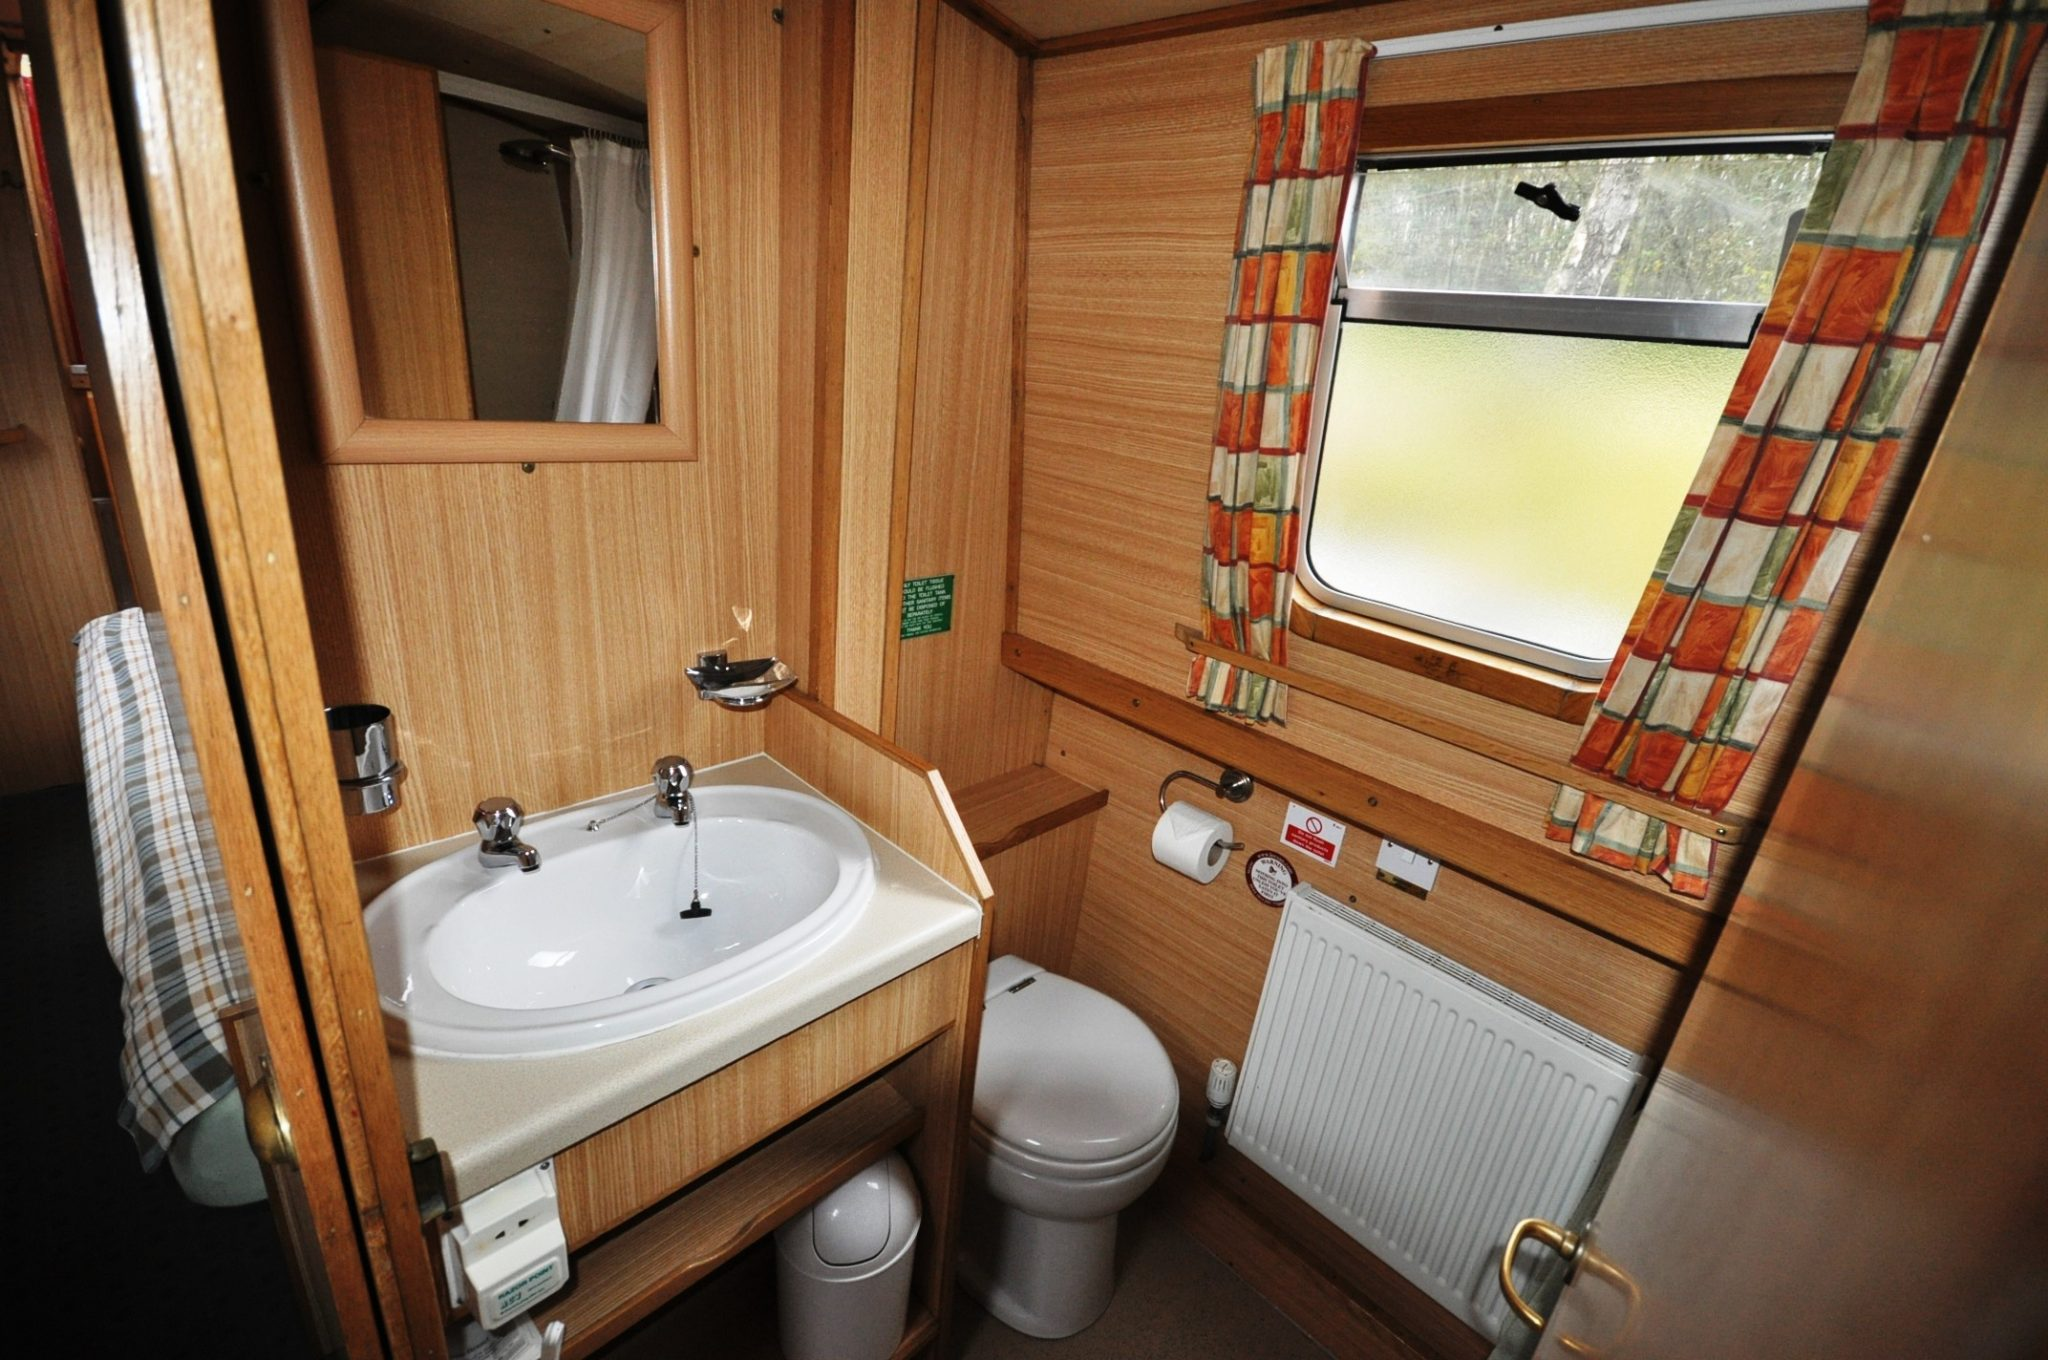 Midland Mallard Bathroom layout.